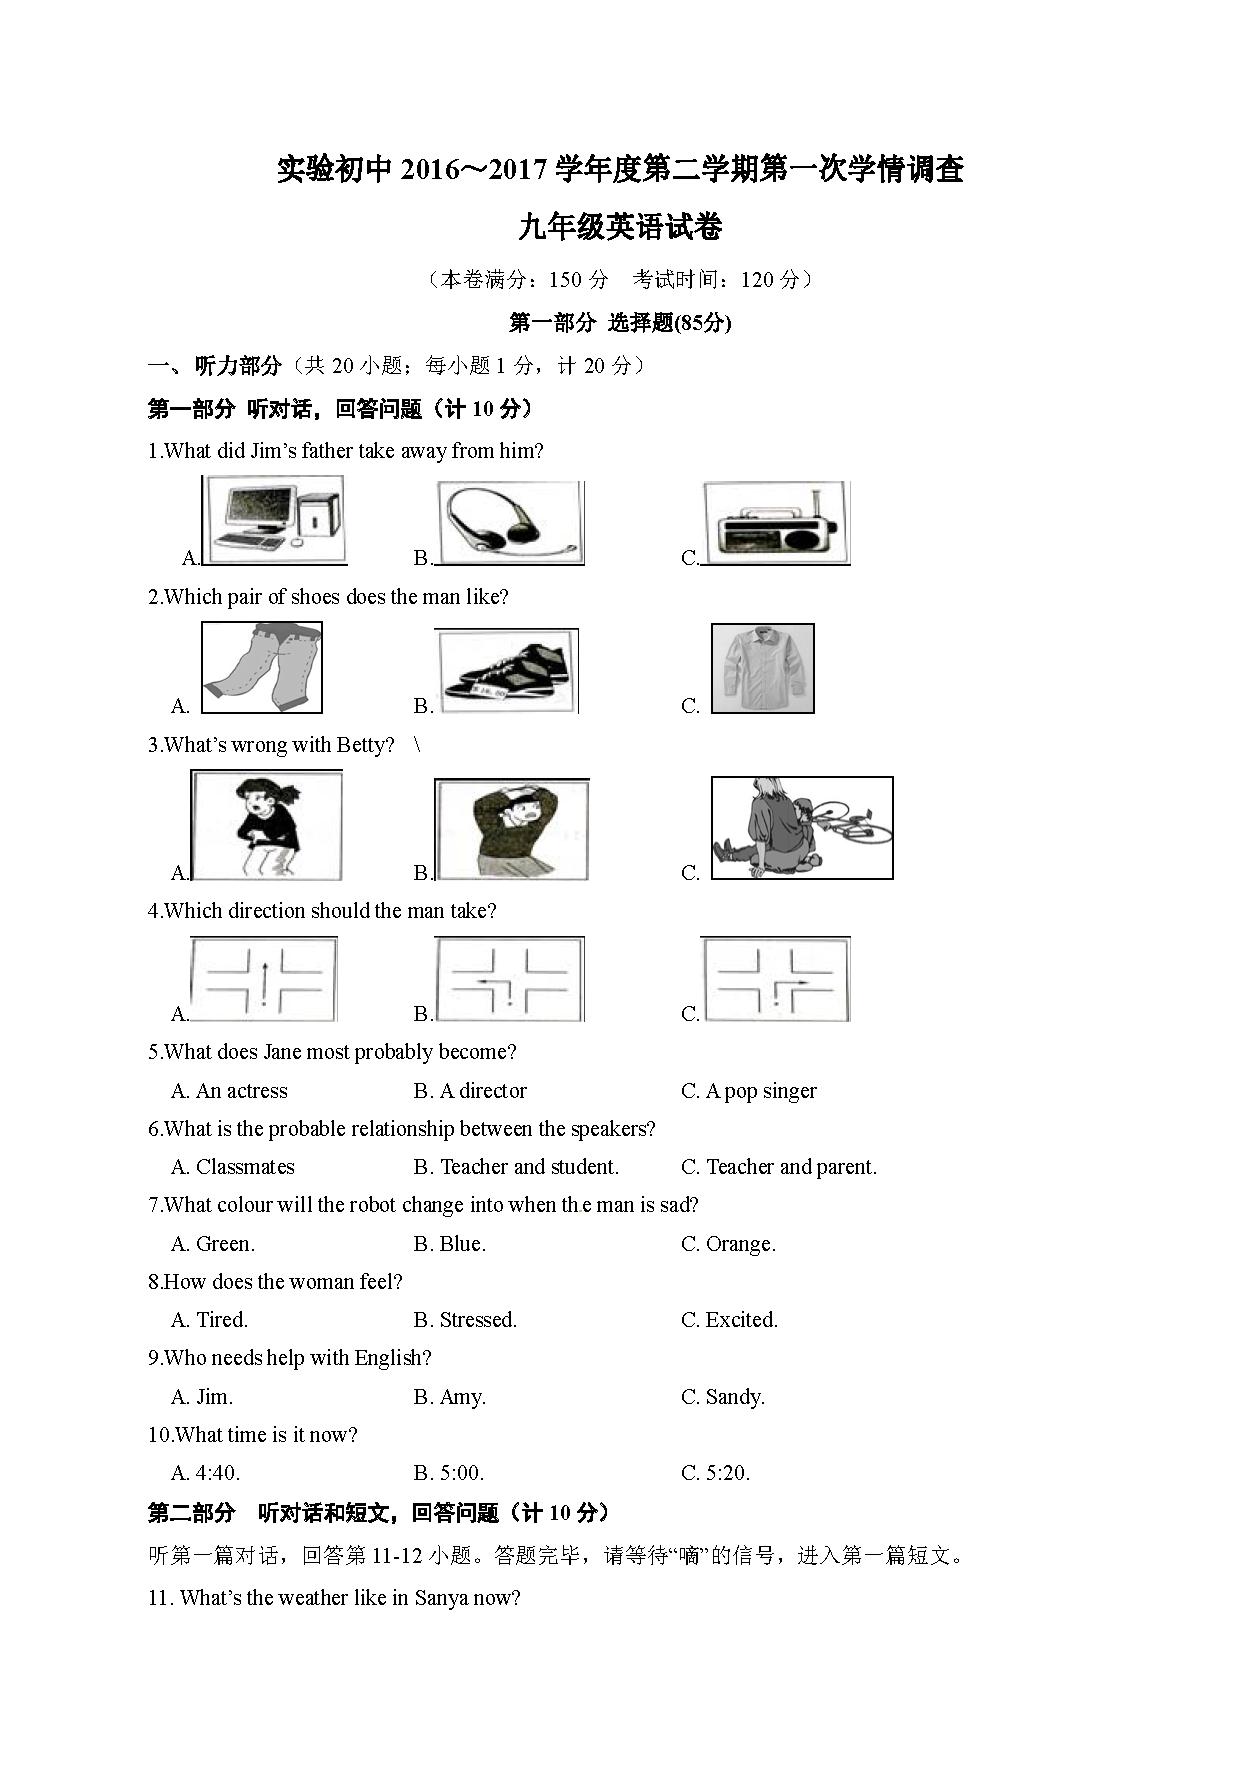 2017江苏泰州姜堰区实验初级中学九年级下第一次月考英语试题(图片版)